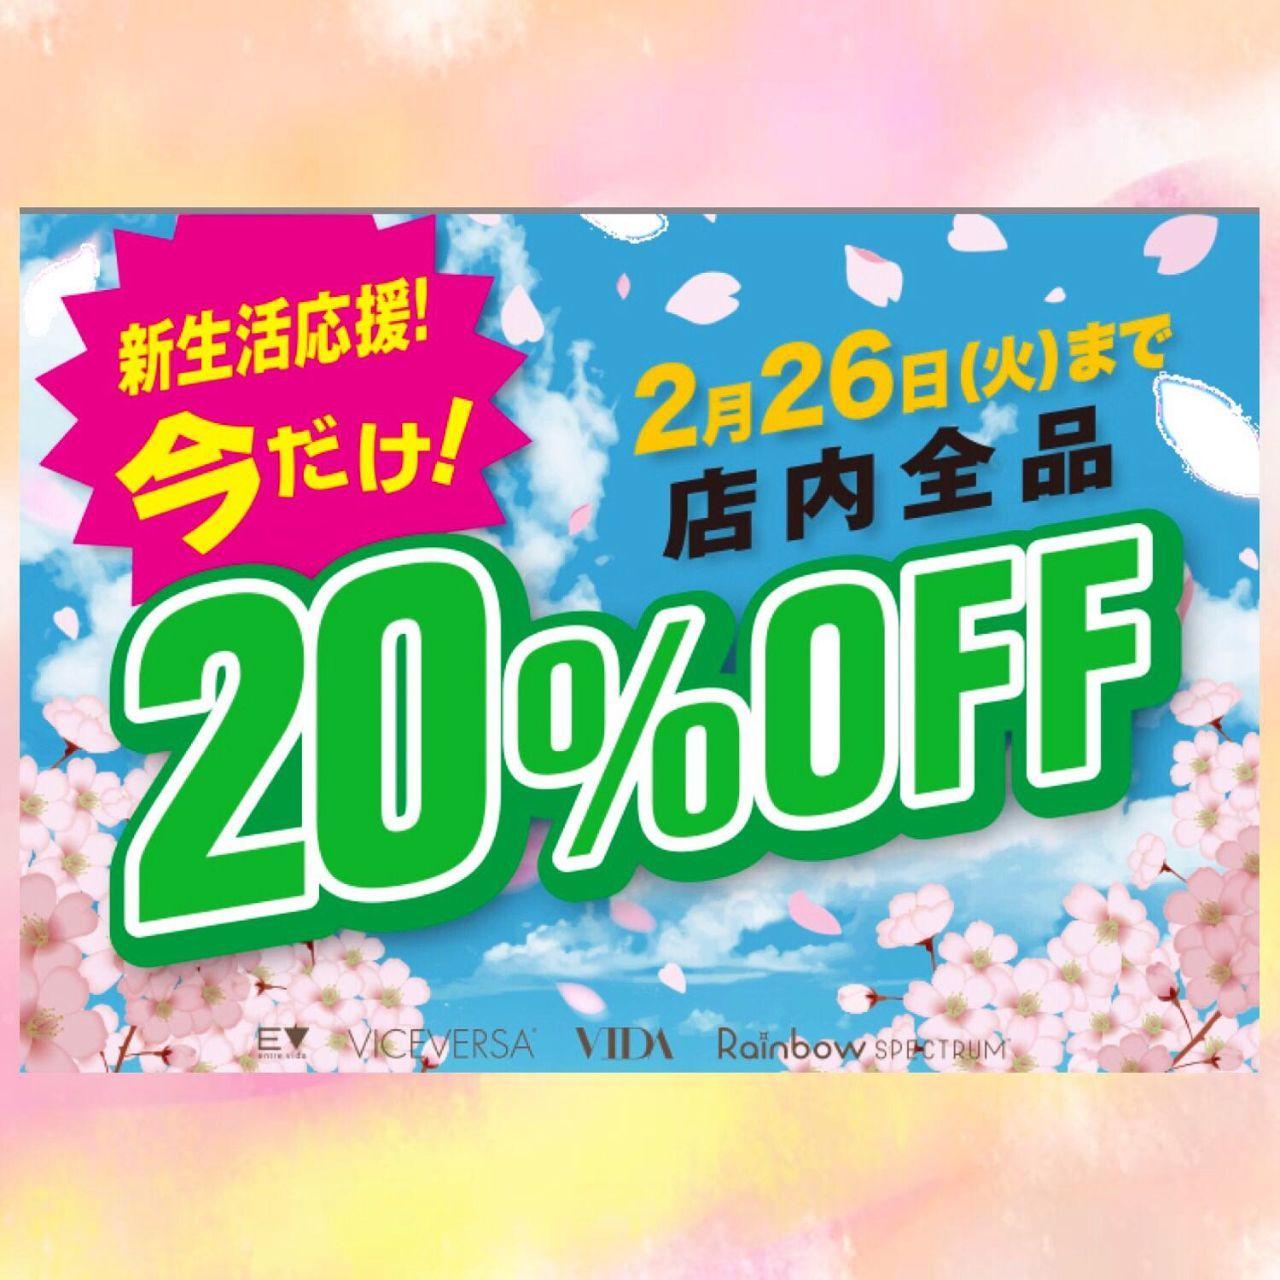 「20%オフスタート!!」の写真